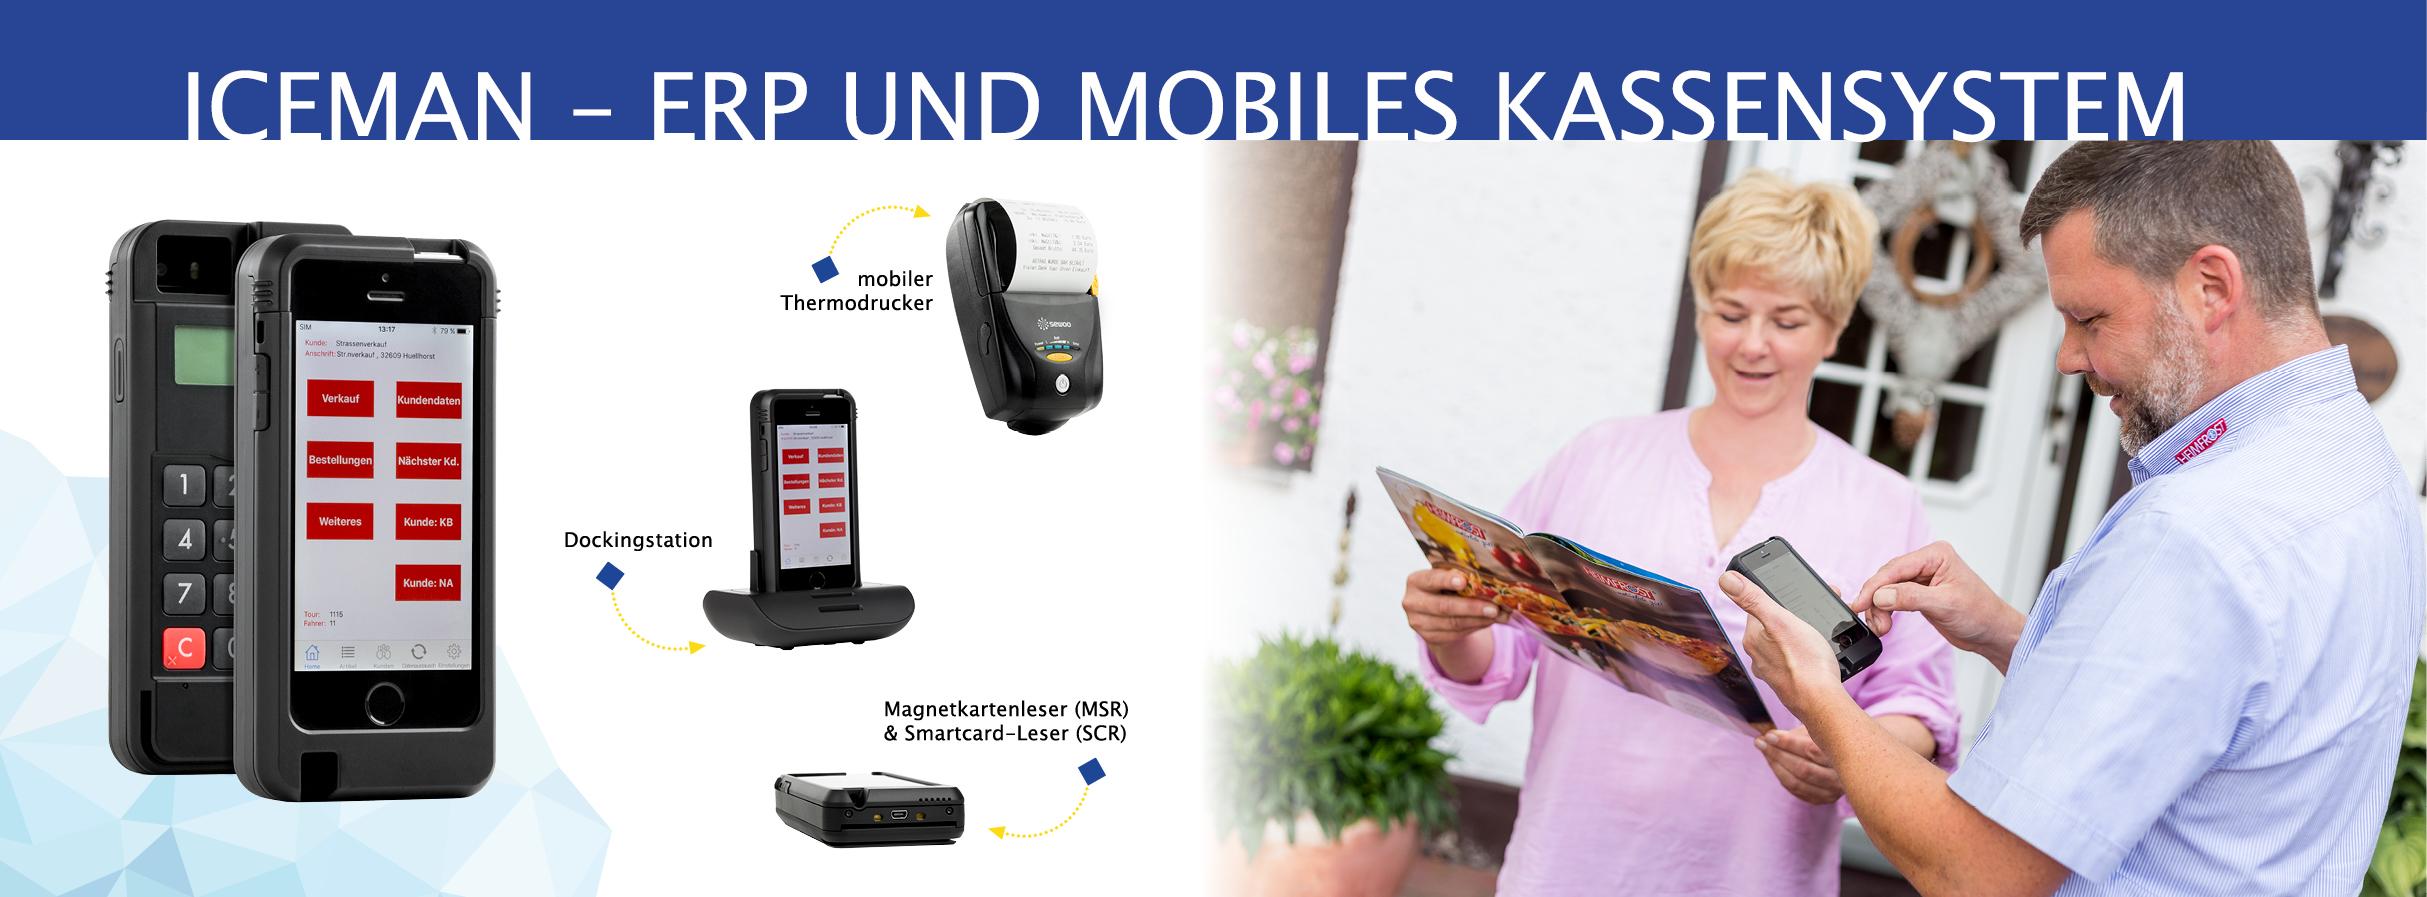 ICEMAN – ERP und mobiles Kassensystem